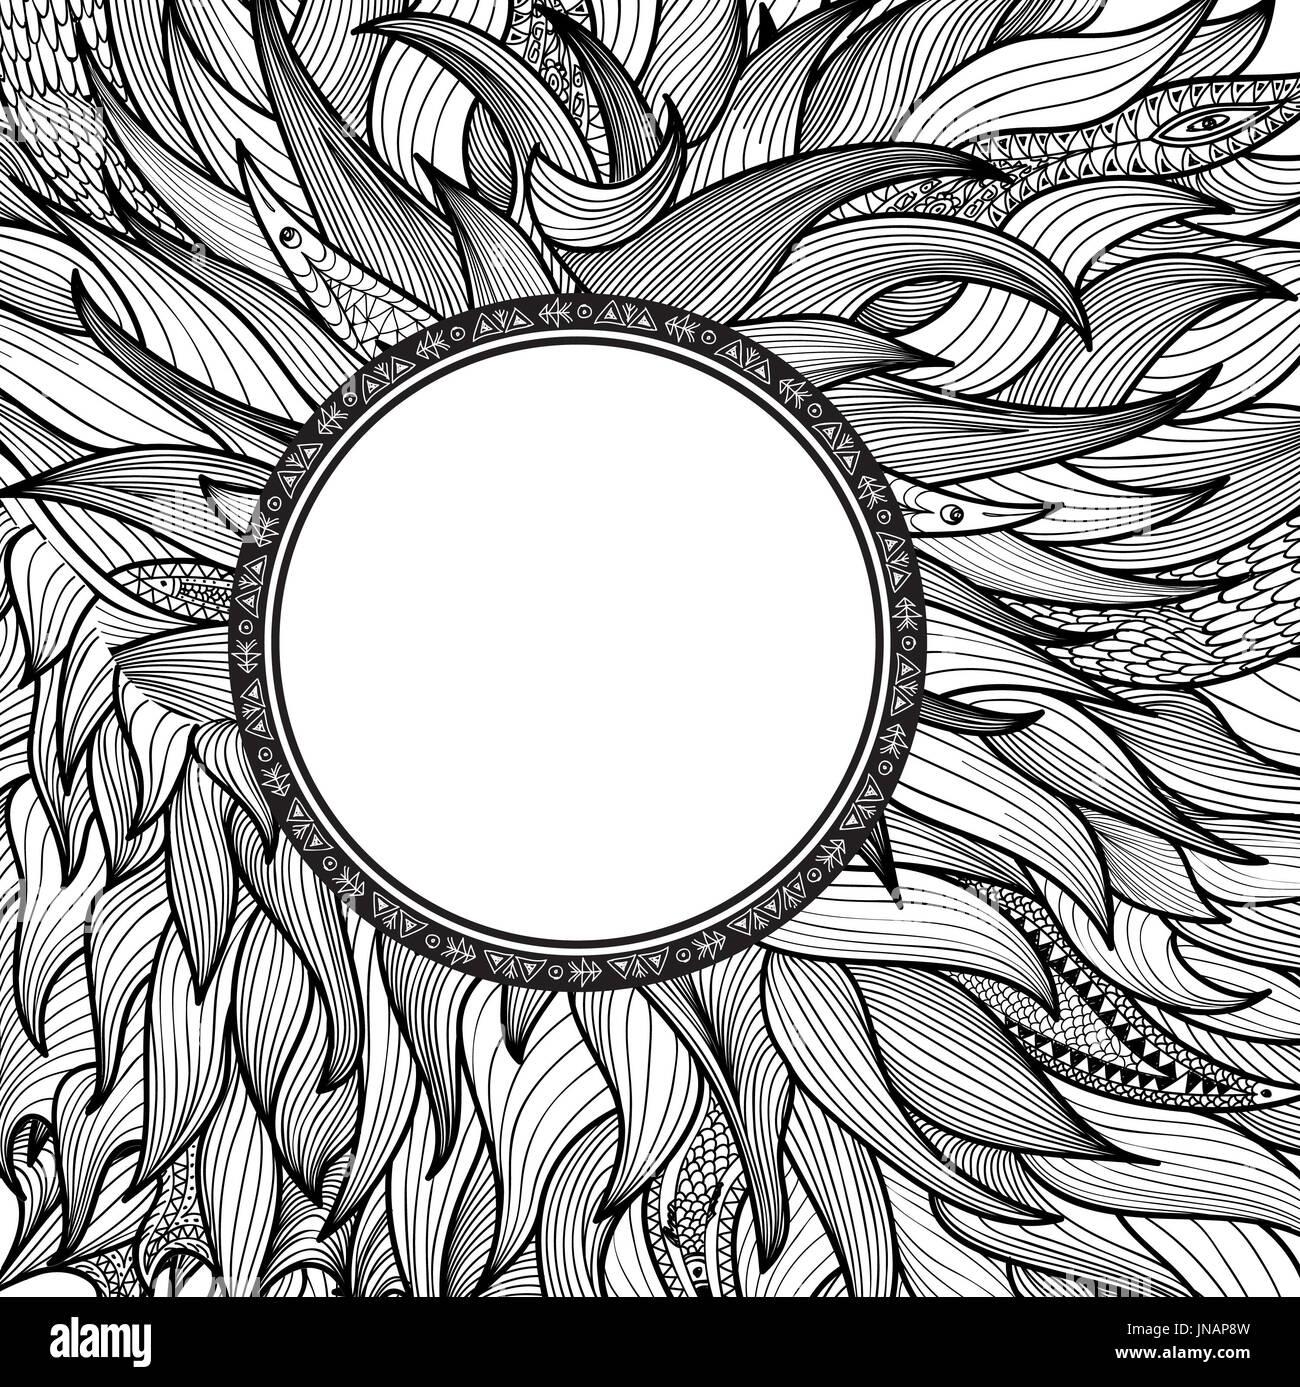 abstraktes ornament fr tatoo zentangle muster runde form stilisierter grenze indische arabische mandala zierpflanzen hintergrund mit rahmen in - Zentangle Muster